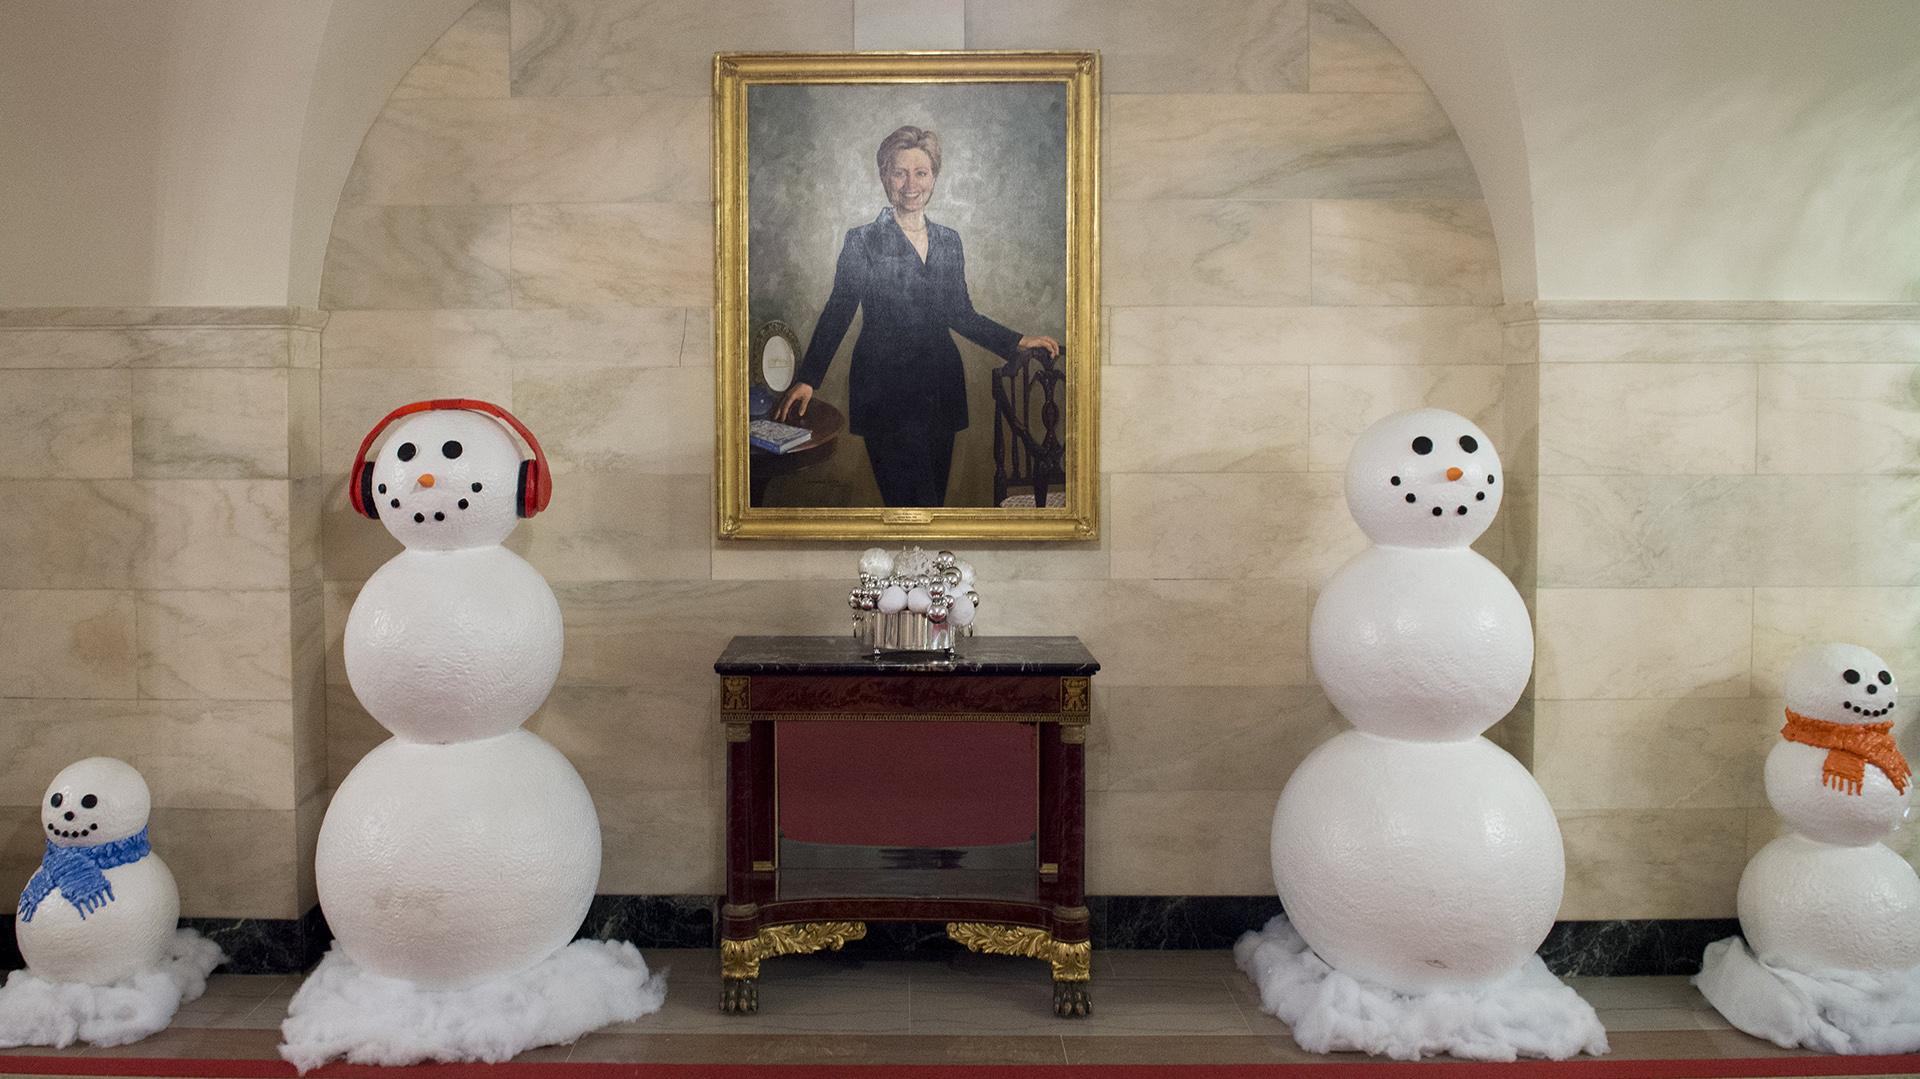 Unos divertidos muñecos de nieve flanquean un retrato de Hillary Clinton, que fue primera dama y aspirante a la presidencia en las últimas elecciones. Este retrato está situado en el Center Hall